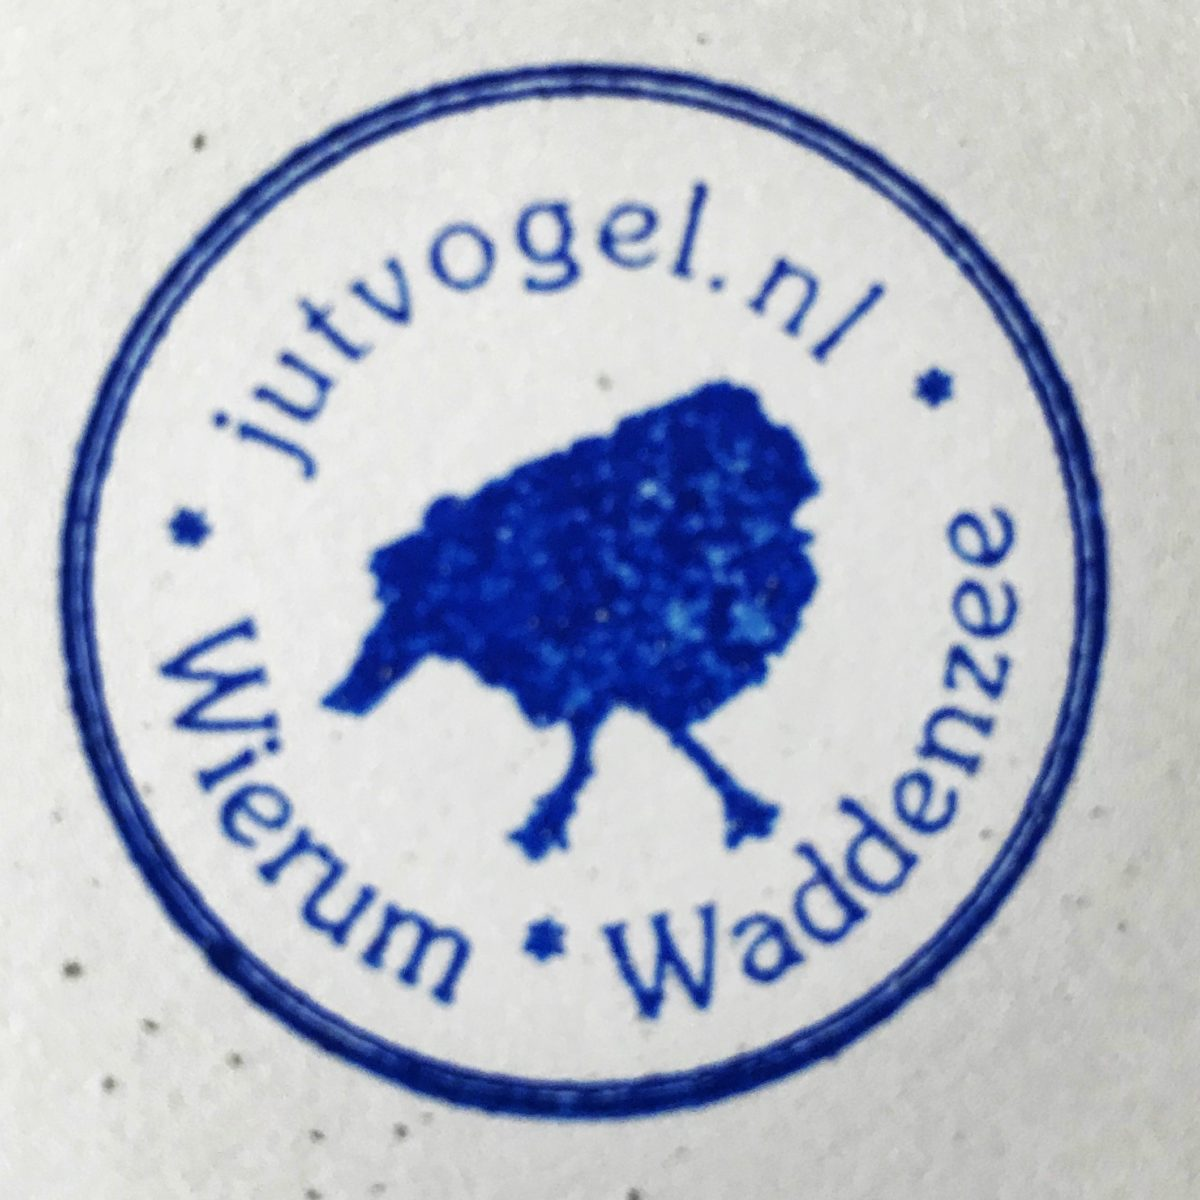 Jutvogelatelier in Wierum aan de Waddenzee